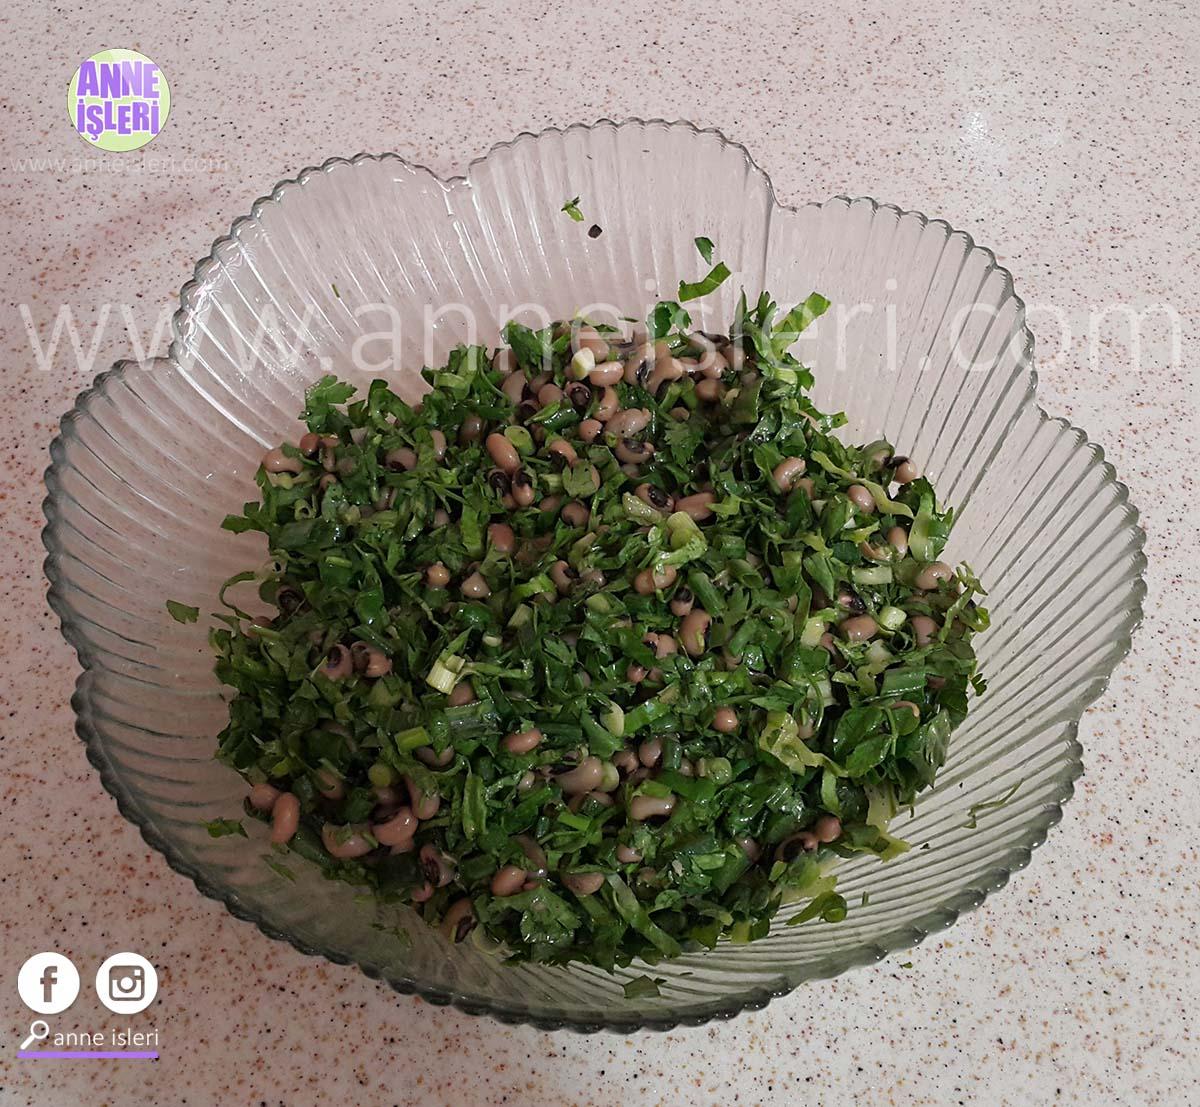 börülce salatası tarifi 1